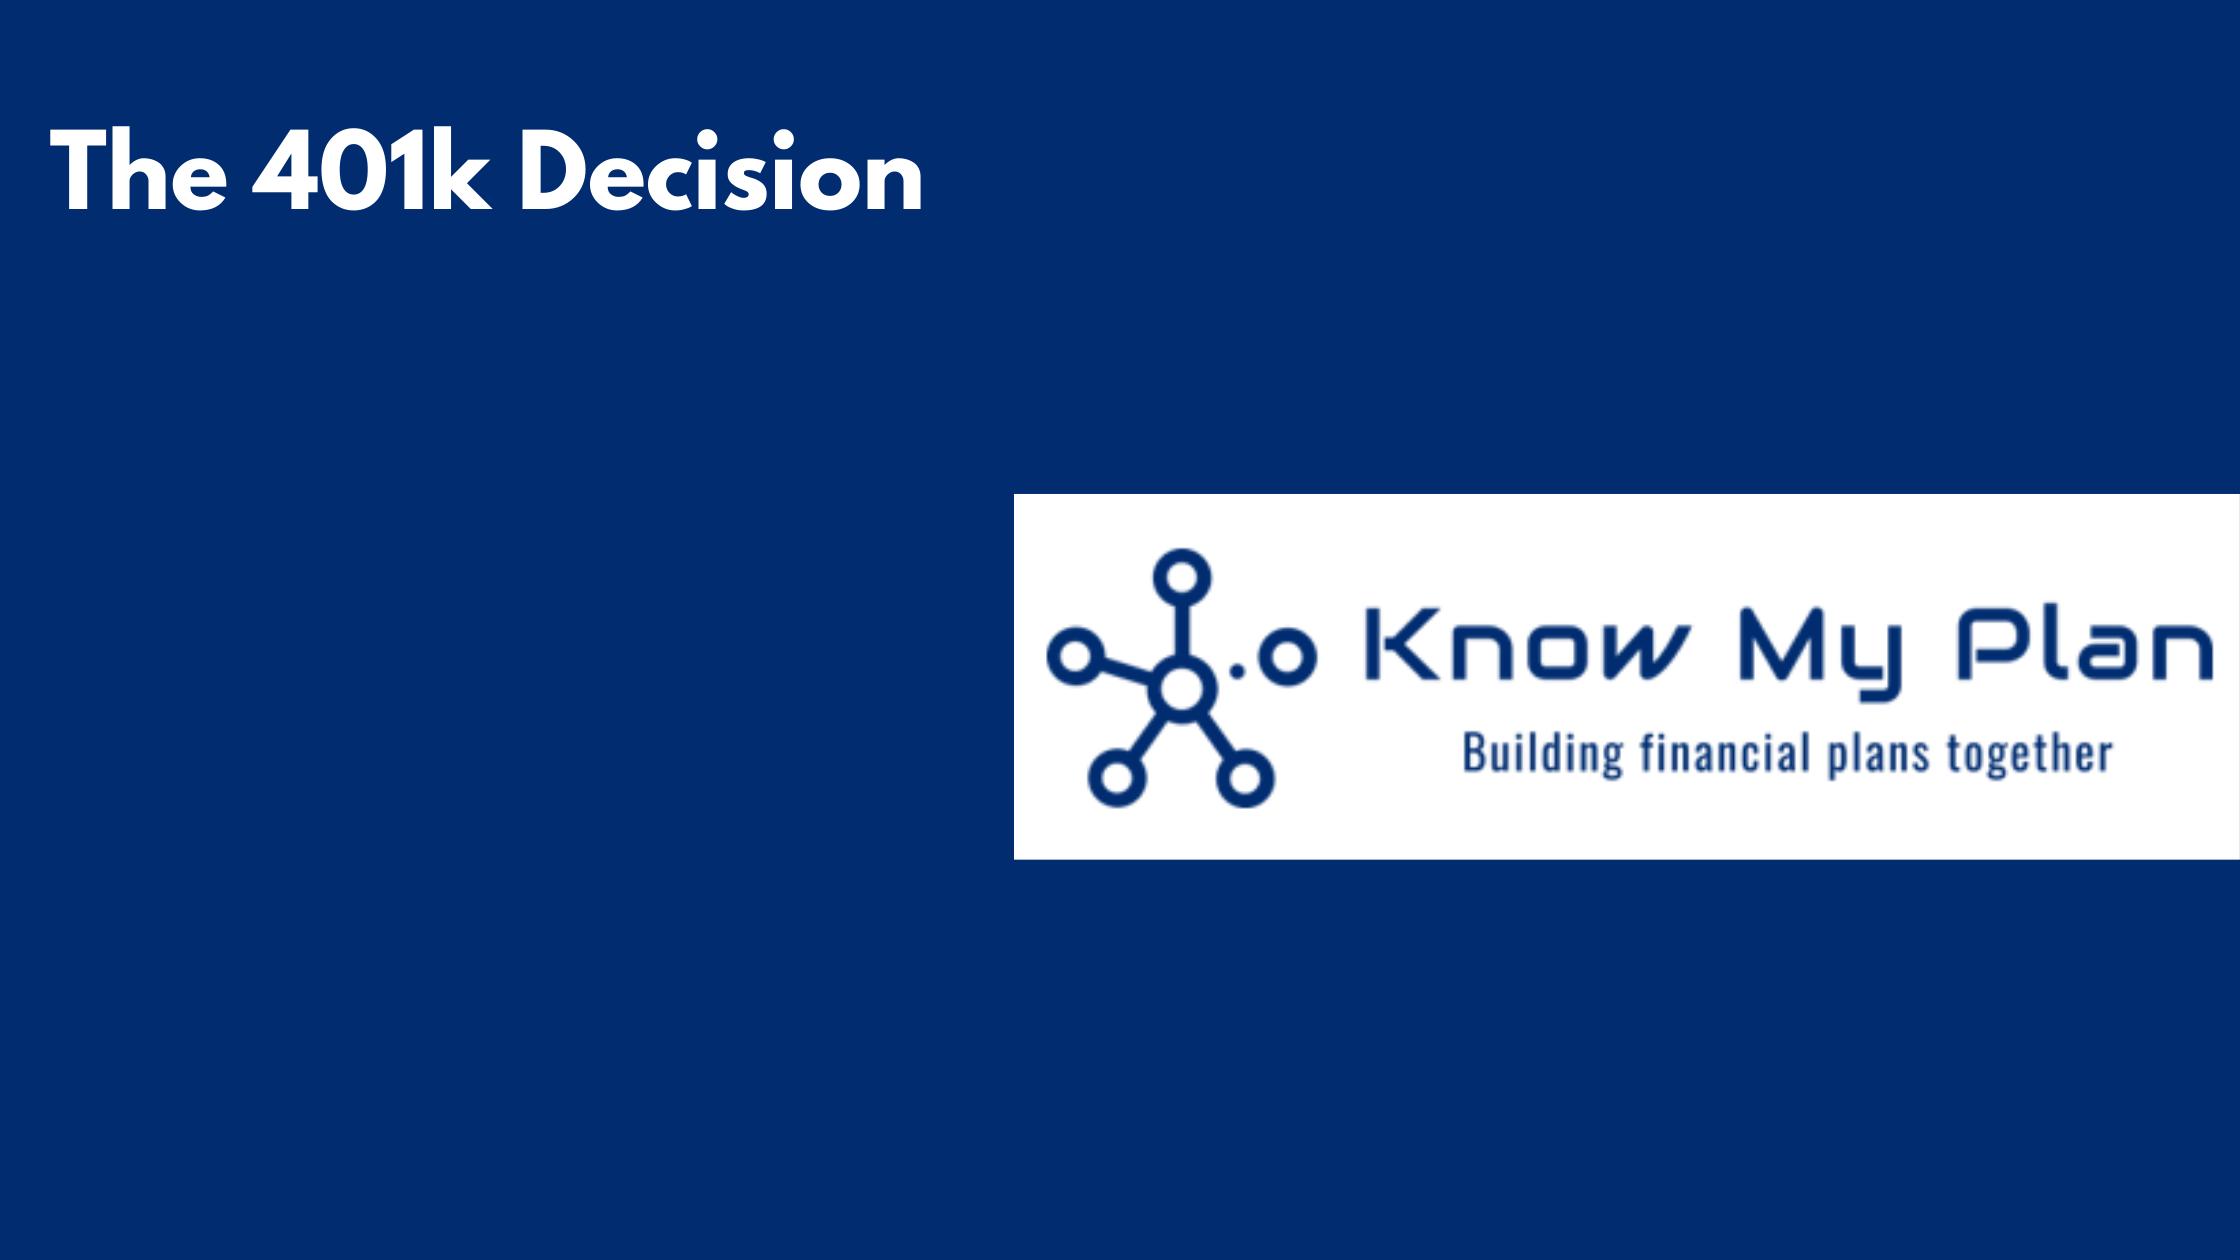 The 401k Decision Thumbnail